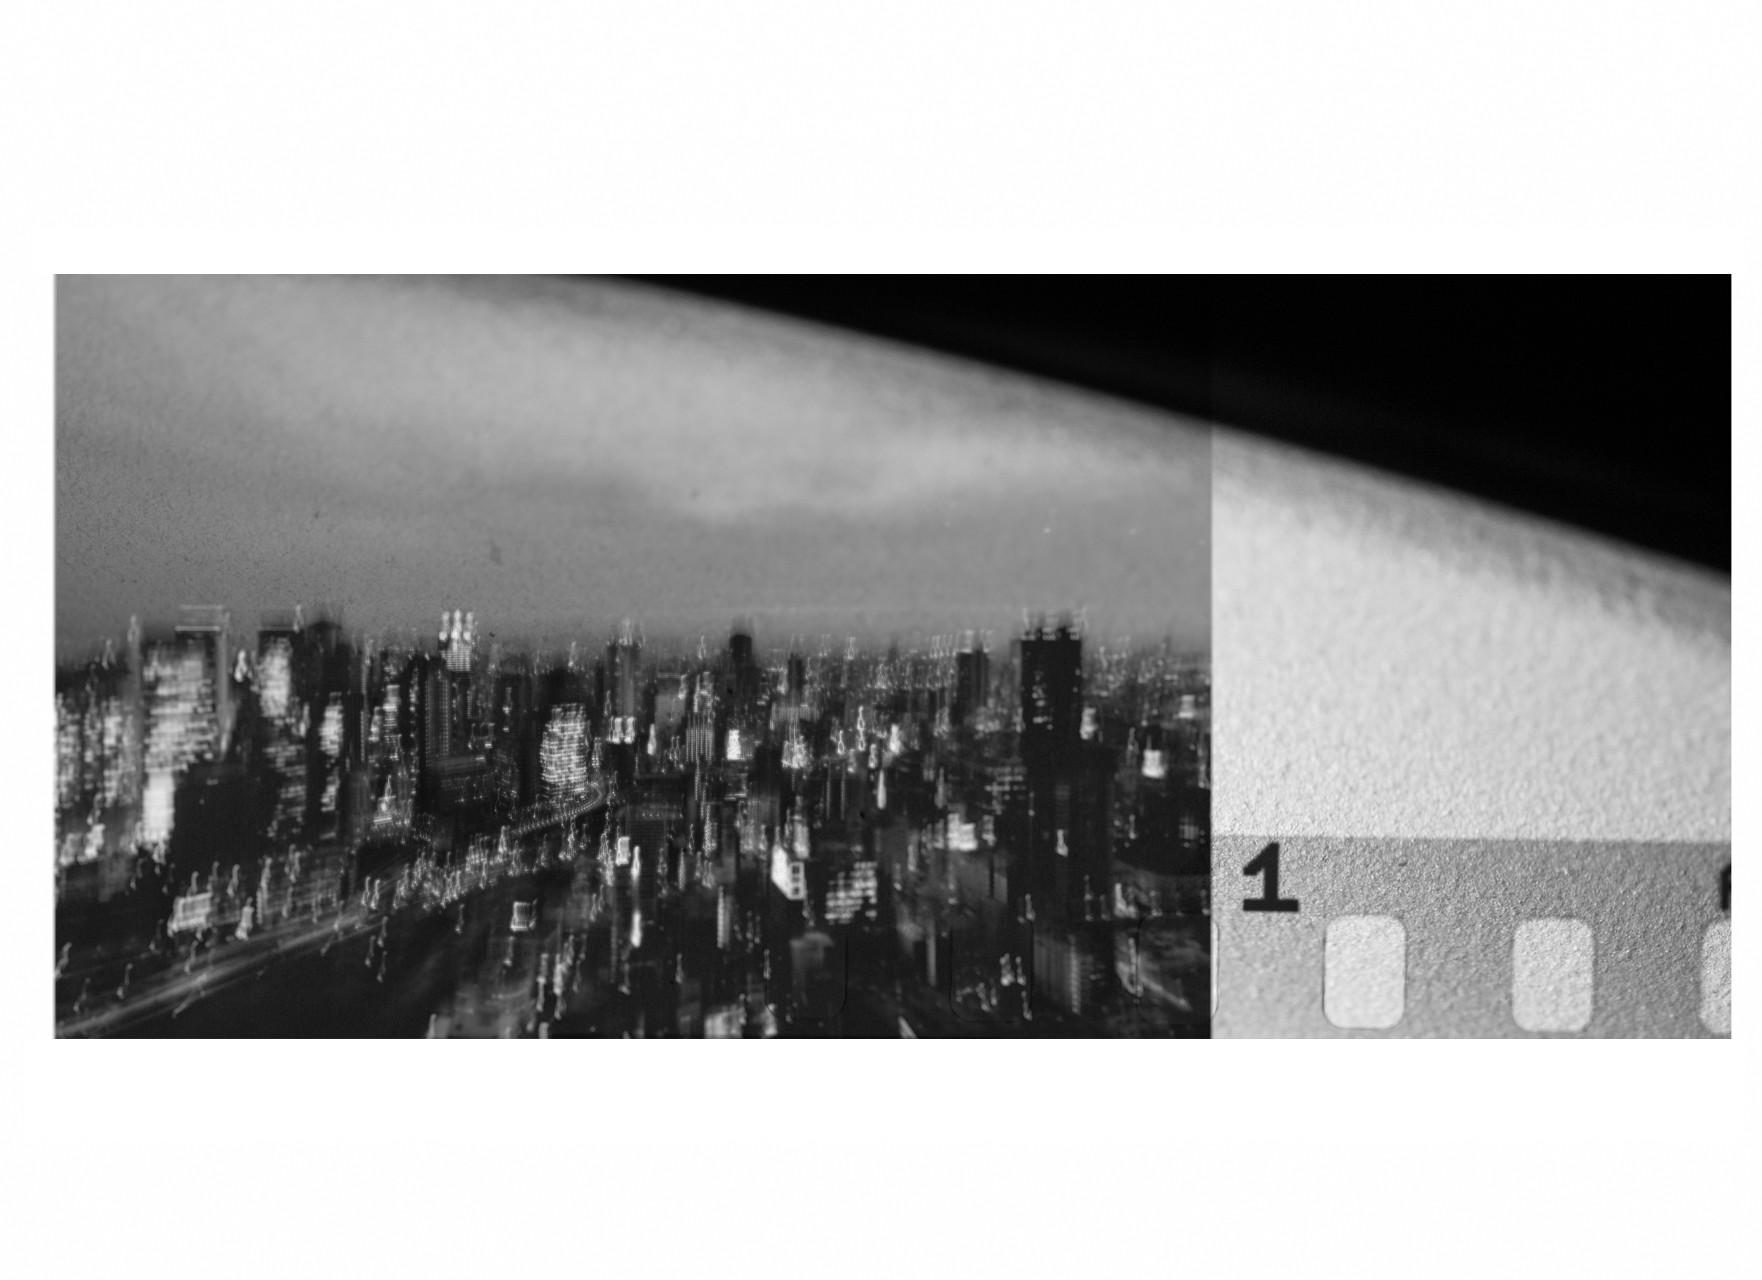 ISOLATION-7-JUANMI-MARQUEZ-1762x1280-1762x1280-1762x1280